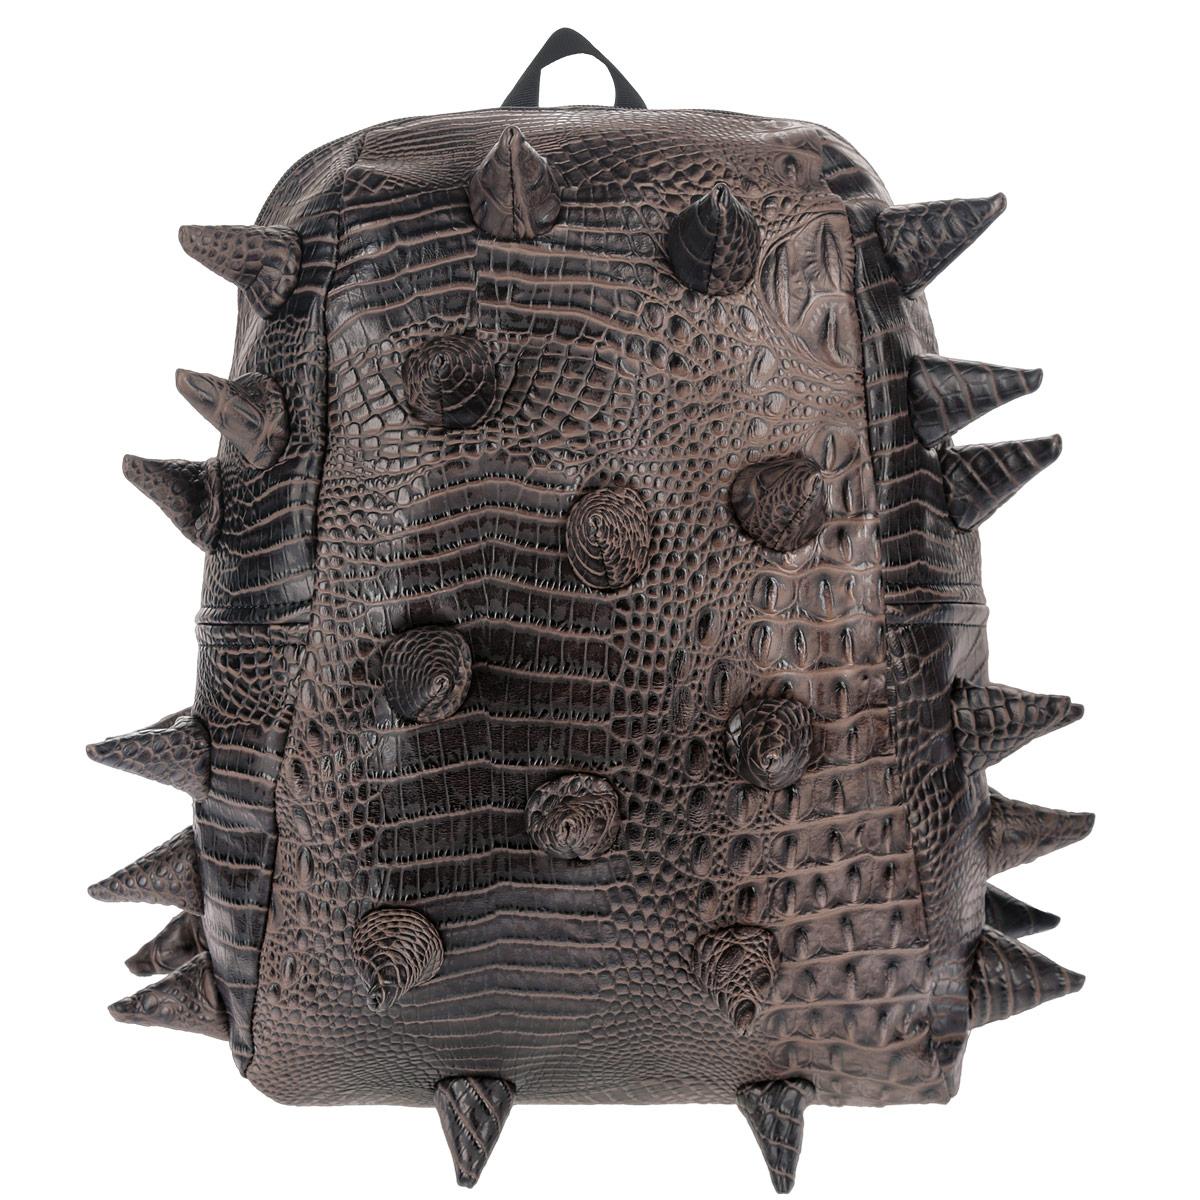 Рюкзак городской MadPax Gator Half, цвет: коричневый, 16 лMW-1462-01-SR серебристыйГородской рюкзак MadPax Gator Half - это стильный и практичный аксессуар, уместный в ритме большого города. Верх рюкзака выполнен из 100% поливинила с тиснением под рептилию, шипы придают изделию неповторимый дизайн. Подкладка изготовлена из нейлона. Рюкзак имеет одно основное отделение, которое закрывается на застежку-молнию. Внутри поместится ноутбук с диагональю 13, iPad и бумаги формата А4. Также внутри содержится небольшой карман на молнии для мелких вещей. Модель оснащена ручкой для переноски в руке, а также мягкими и широкими плечевыми лямками, которые можно регулировать по длине. Полностью вентилируемая ортопедическая спинка создает дополнительный комфорт вашей спине. Сзади расположен кармашек из прозрачного ПВХ для визитки. MadPax - это крутые рюкзаки в стиле фанк, которые своим неповторимым дизайном бросают вызов монотонности и скуке. Эти уникальные рюкзаки помогают детям всех возрастов самовыражаться, а их внутренняя структура с отделениями, карманами и застежками-молниями делает их невероятно практичными. Материал: поливинил, нейлон, пластик, металл.